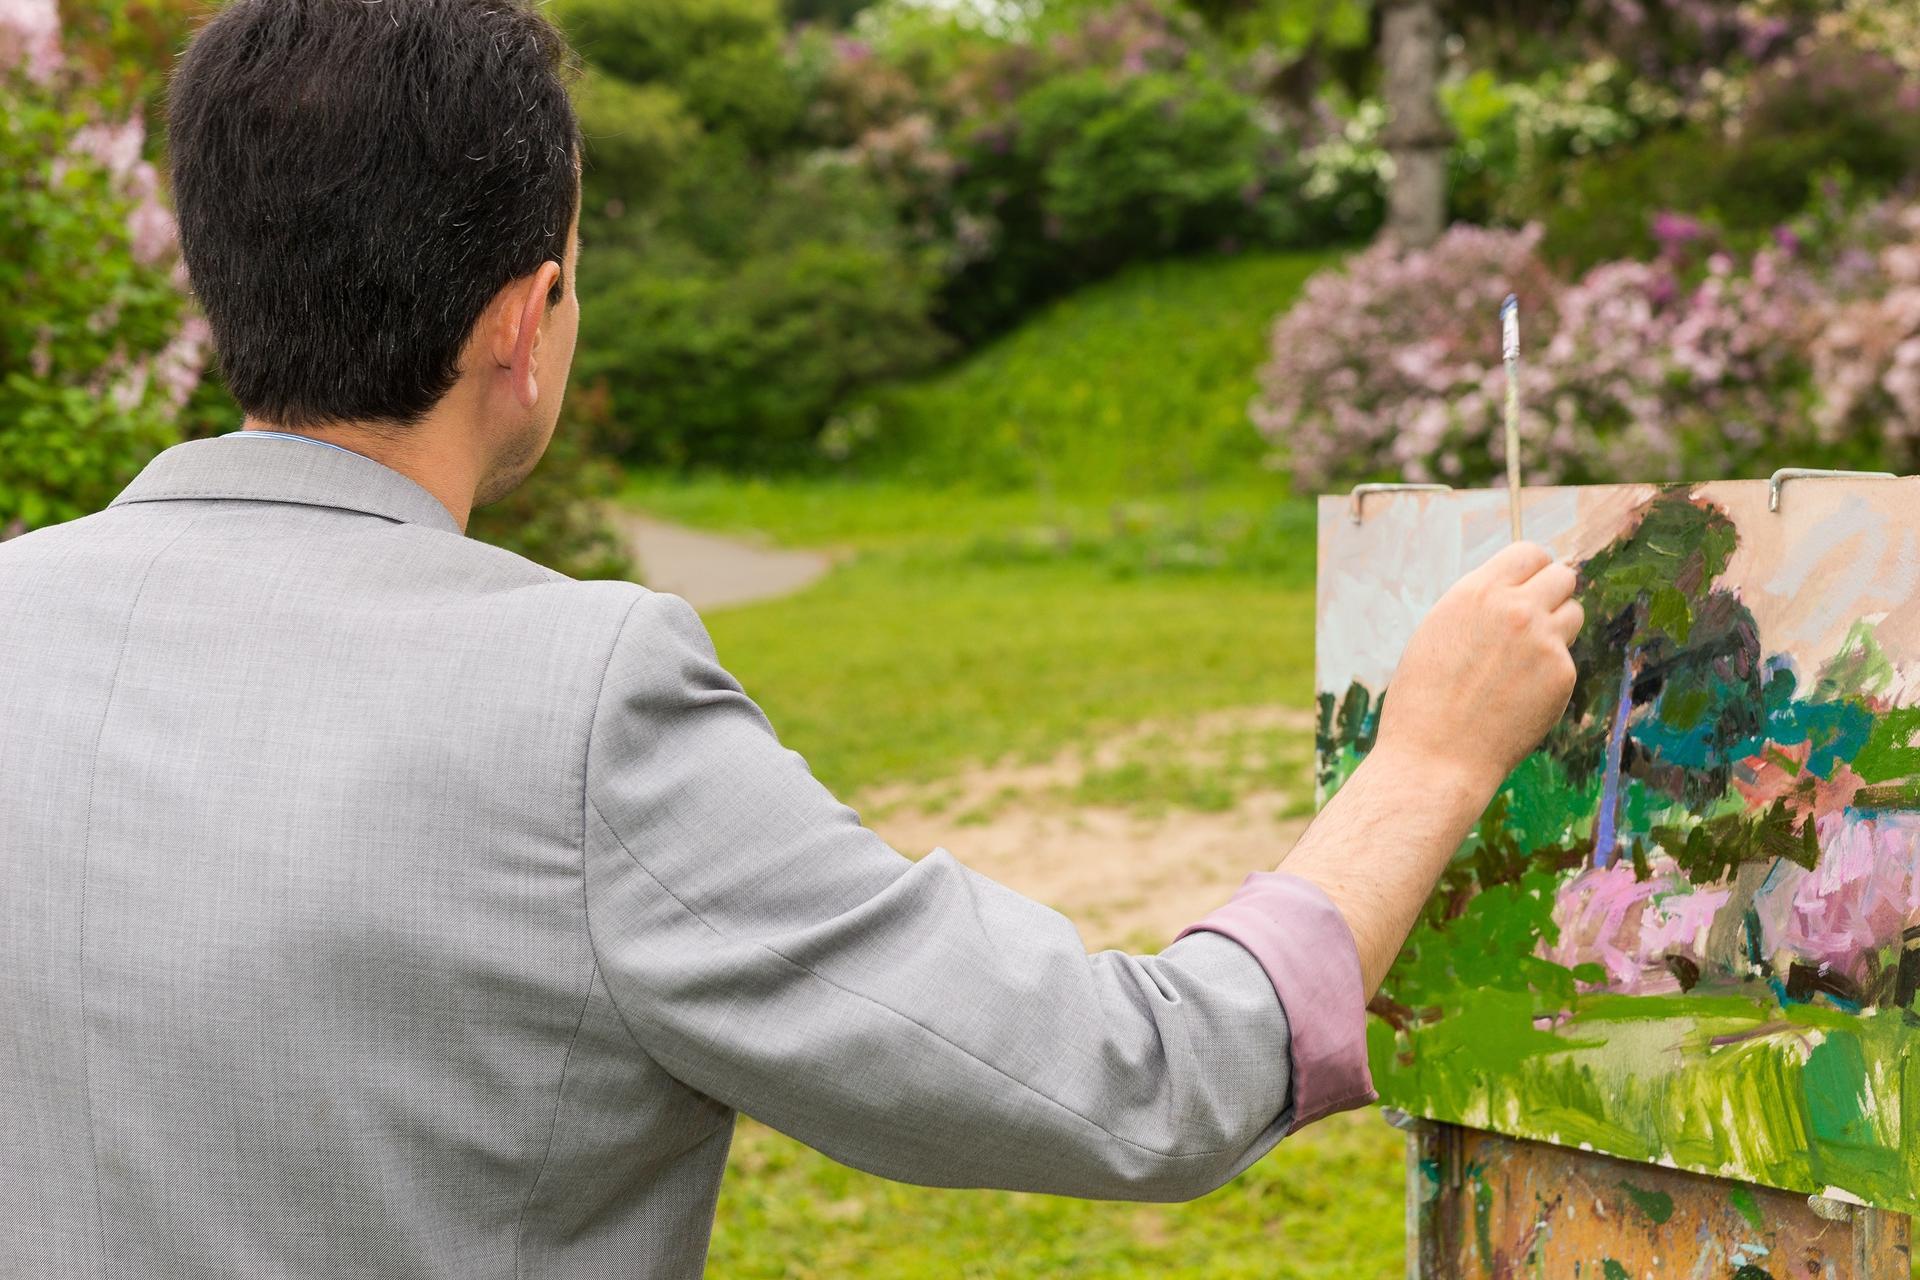 חזני היה רועה צאן שתשוקת הציור בערה בליבו ובידיו. צילום המחשה: שאטרסטוק